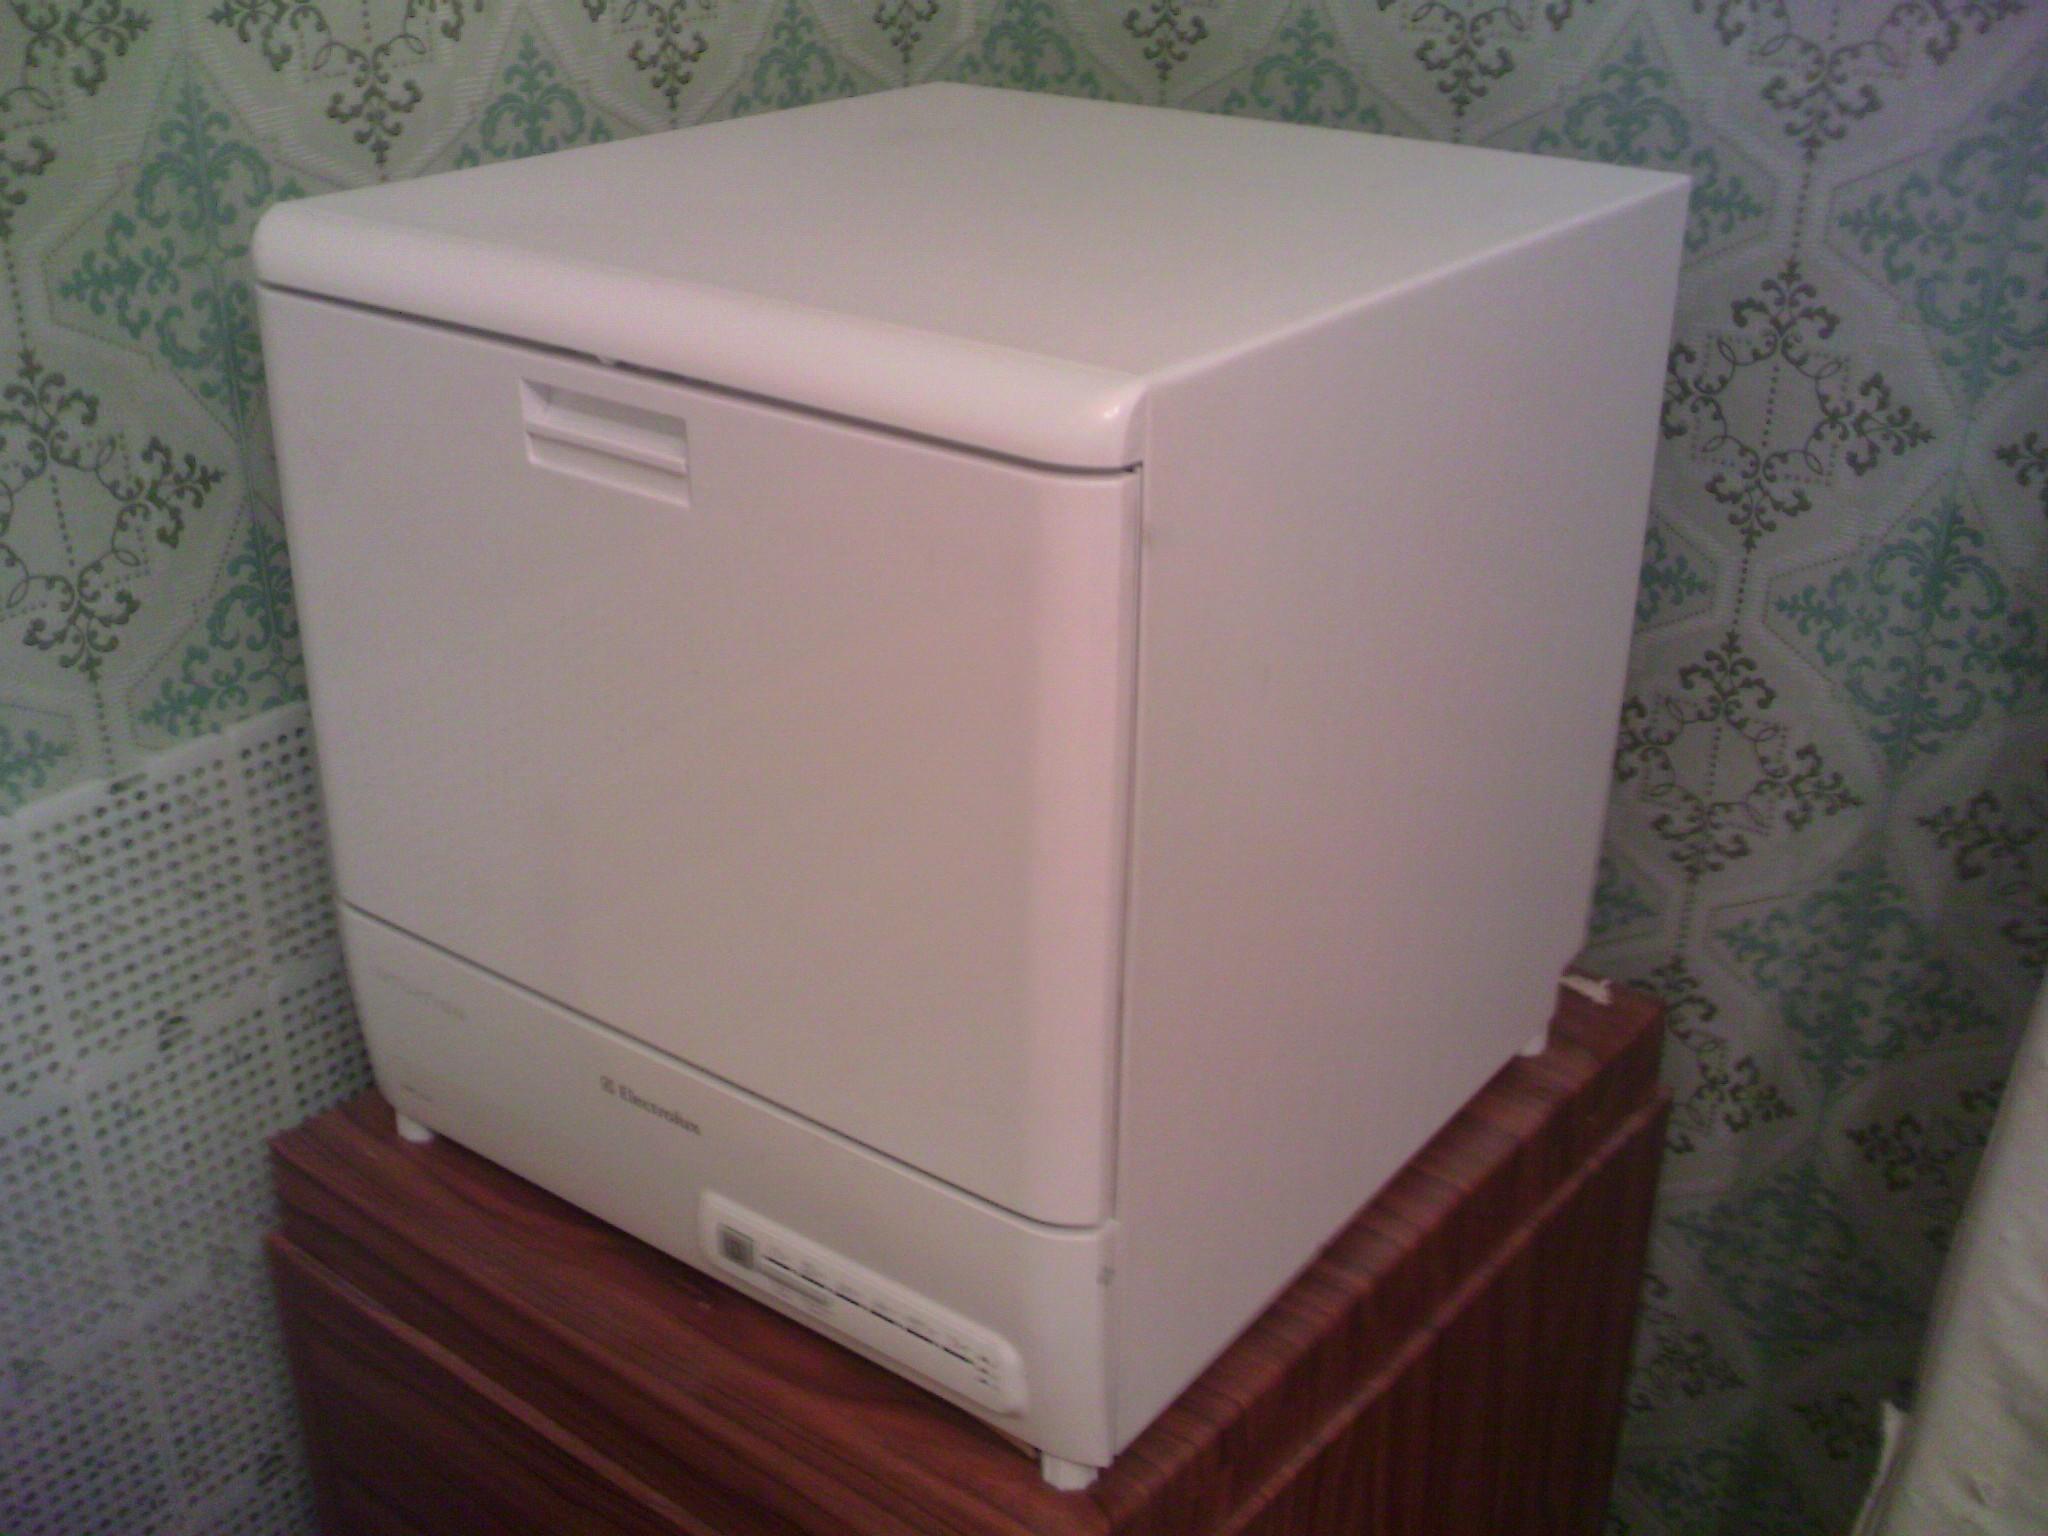 Компактная и вместительная маленькая посудомоечная машина